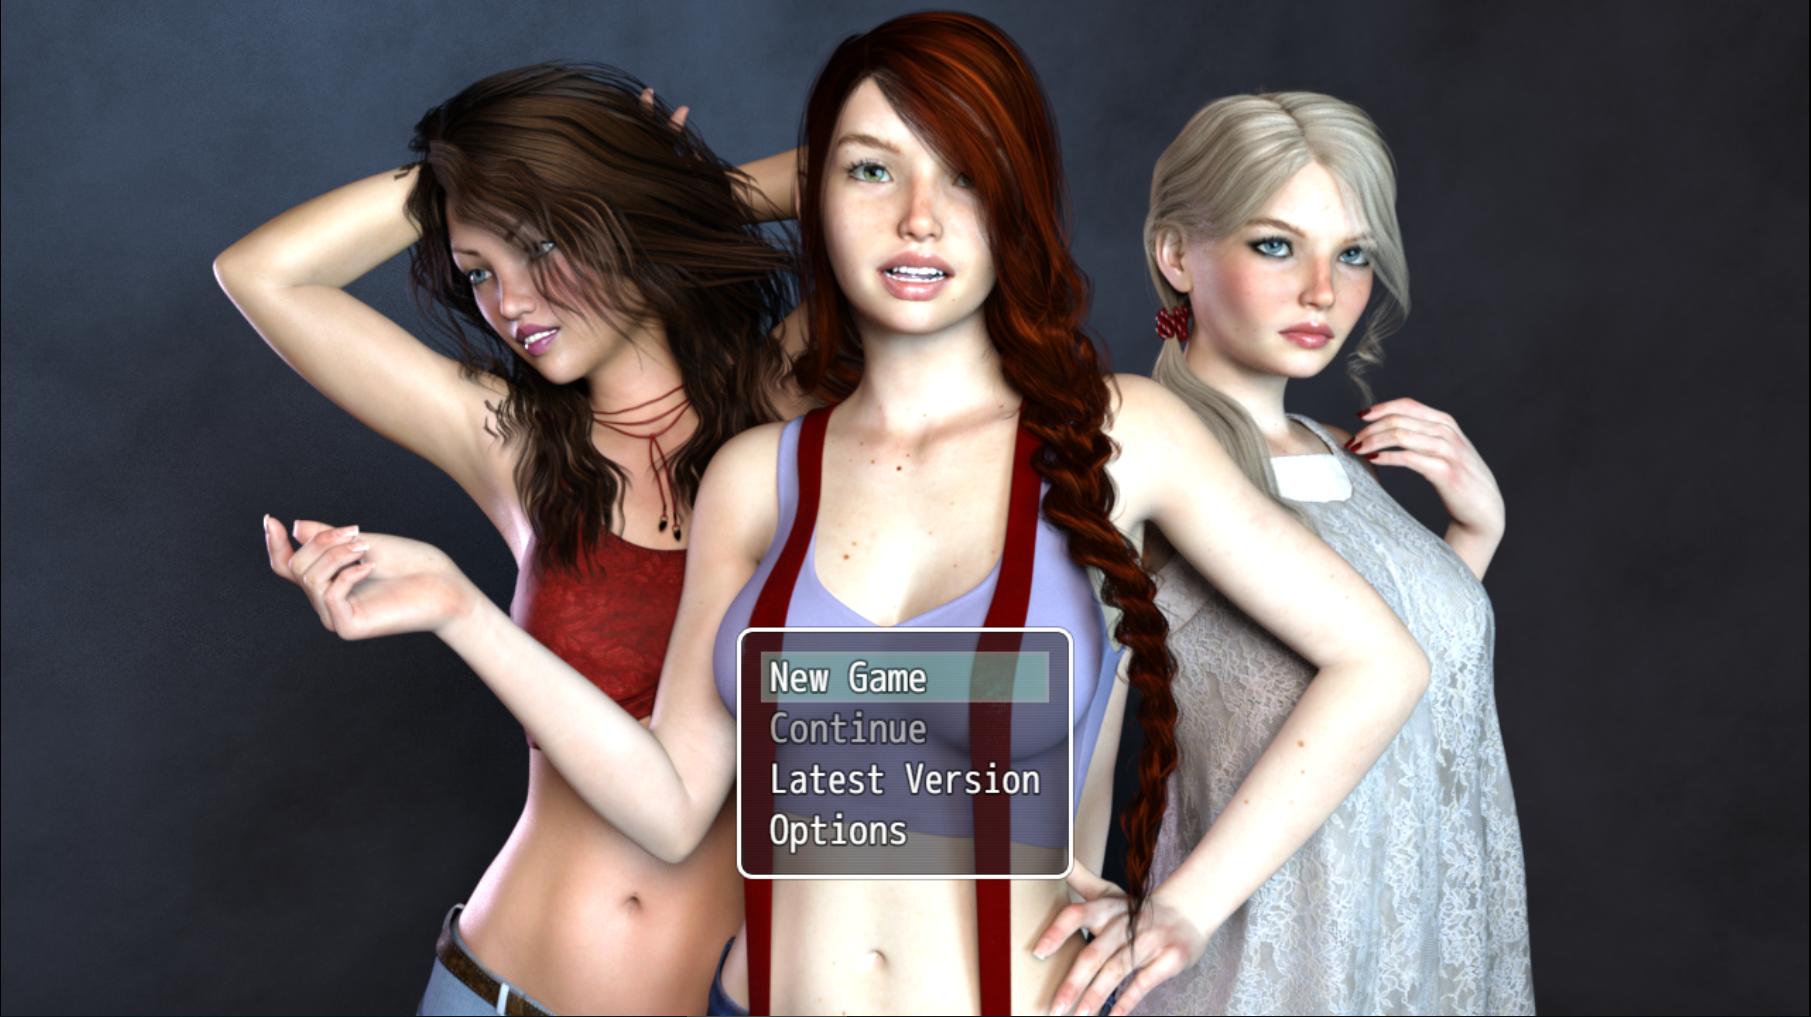 My Girlfriend's Amnesia - Version 0.2 Fixed